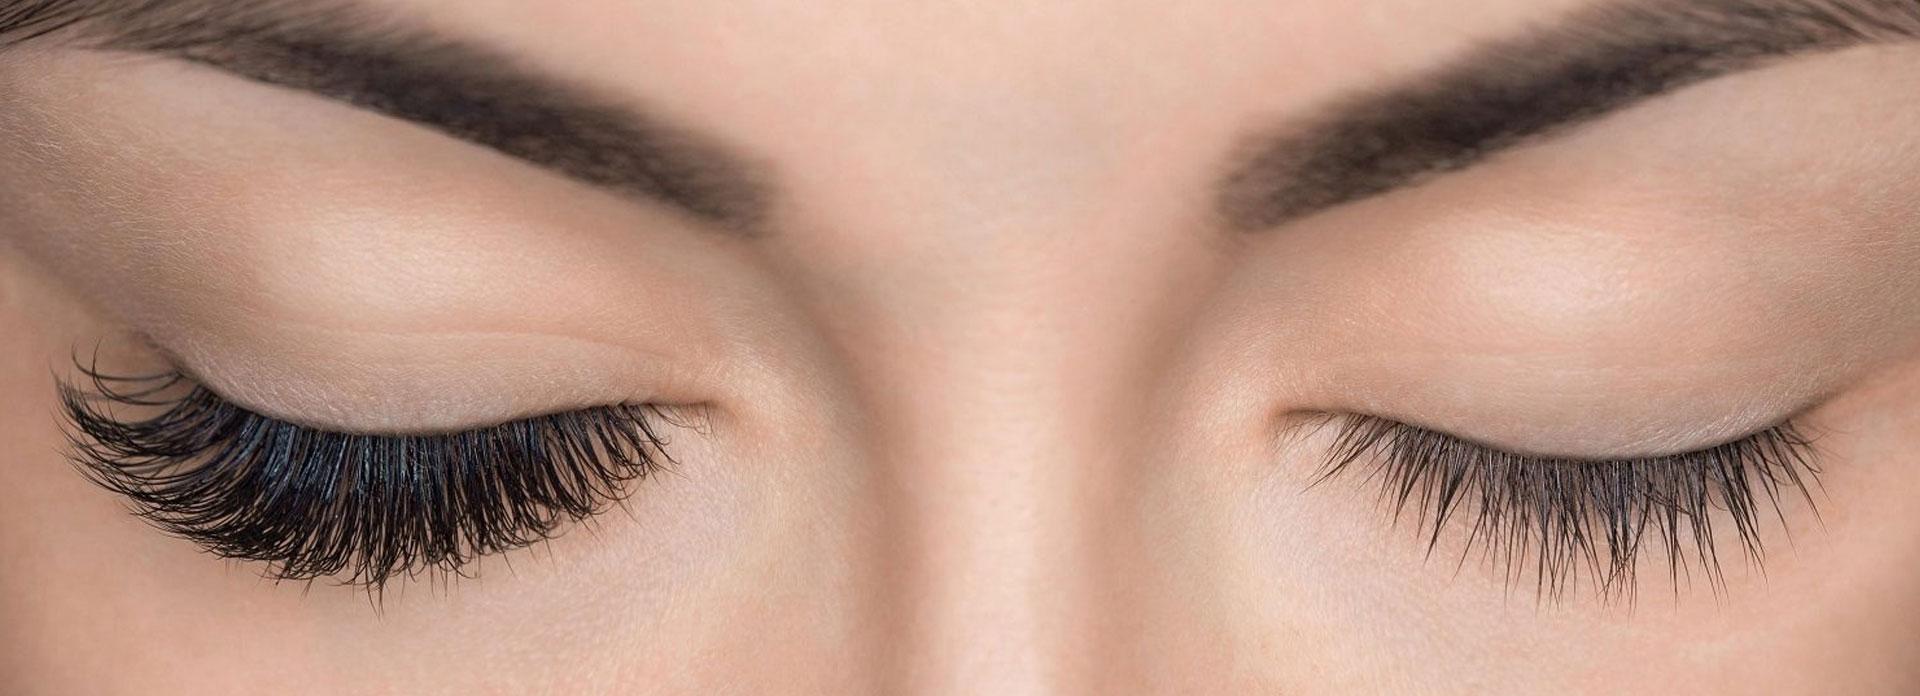 best Eyelash Extensions in High Street Kensington